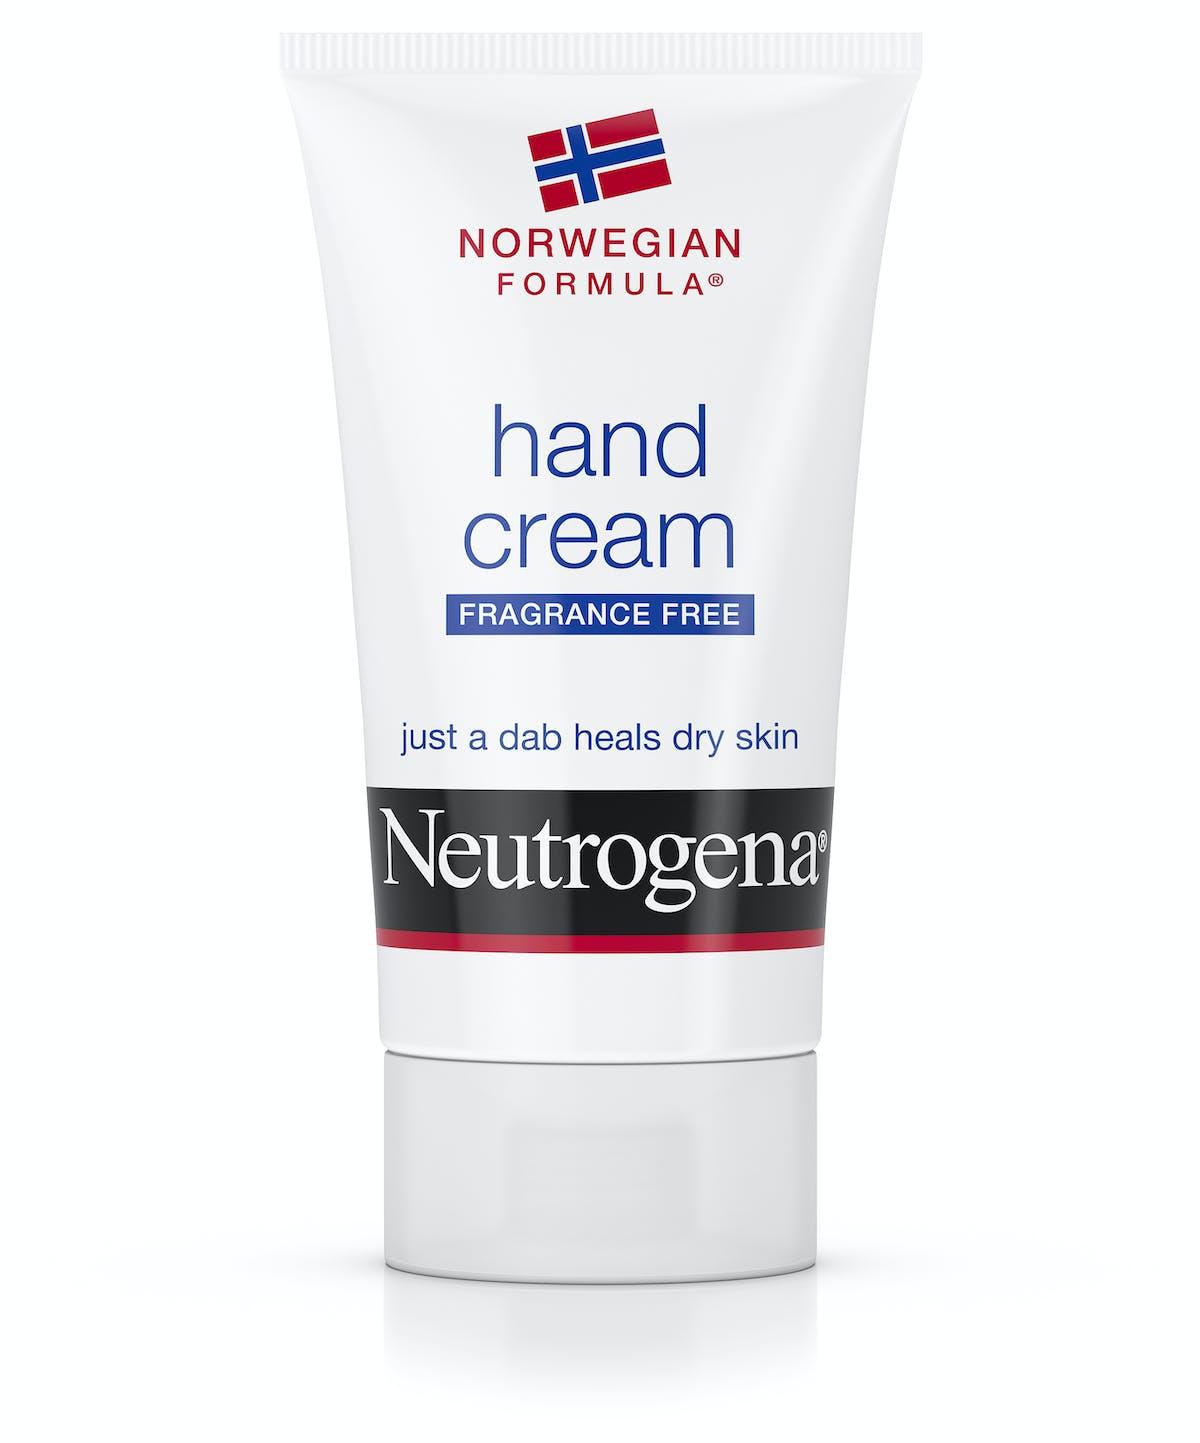 NORWEGIAN FORMULA NEUTROGENA HAND CREAM